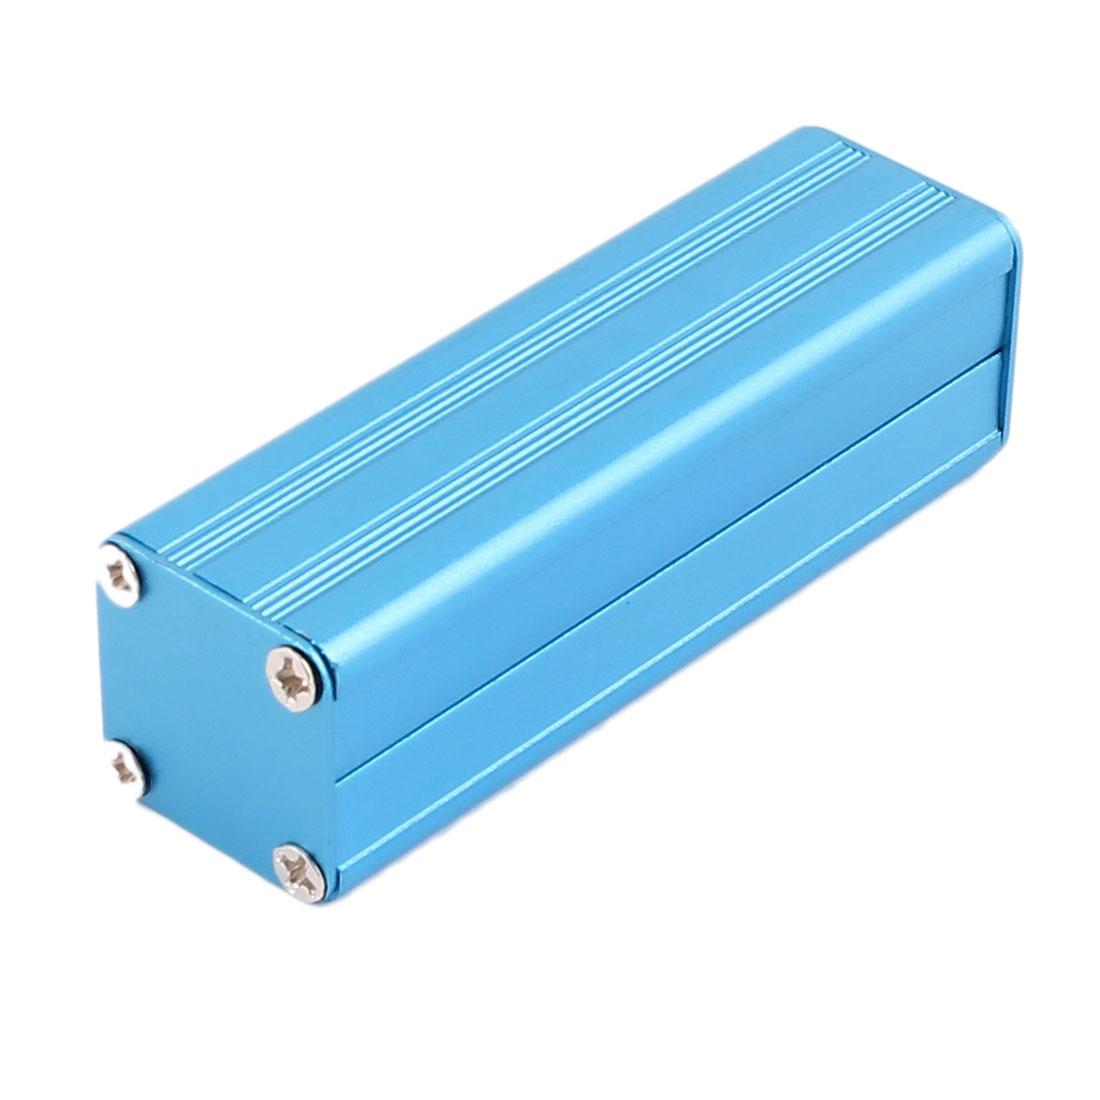 82 x 25 x 25mm Multi-purpose Electronic Extruded Aluminum Enclosure Case Blue